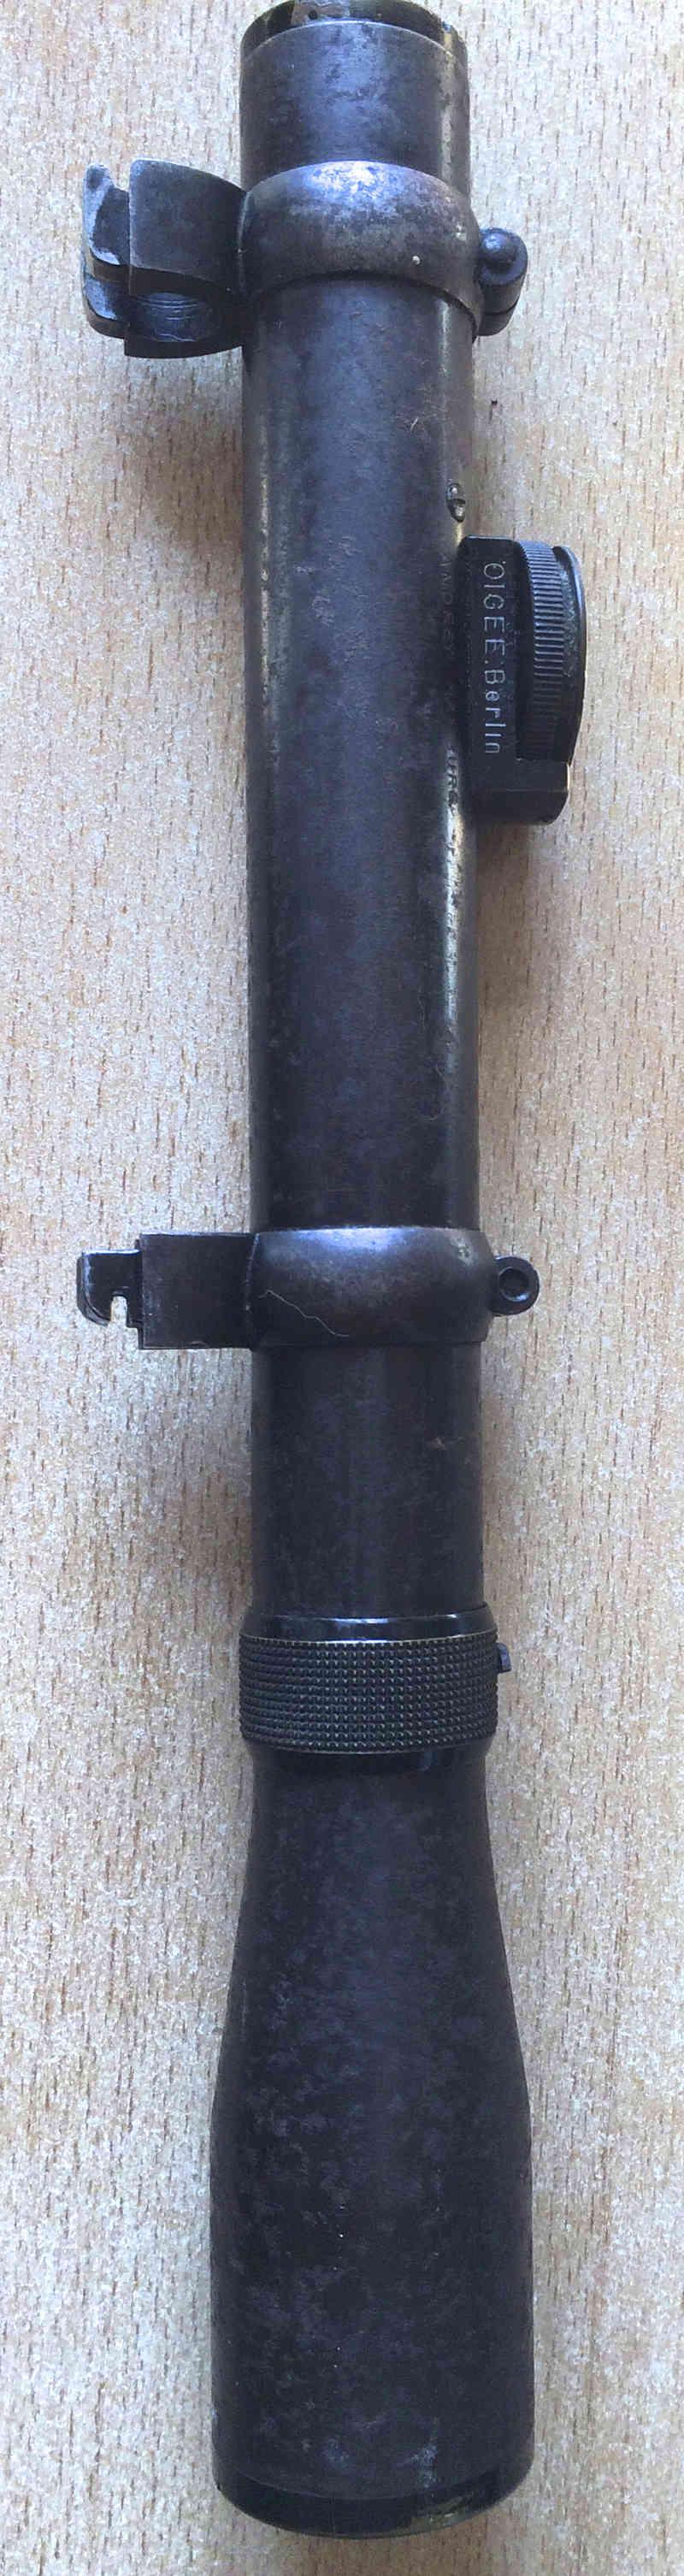 Fusil de chasse système Mauser en 8X57 Img_0412